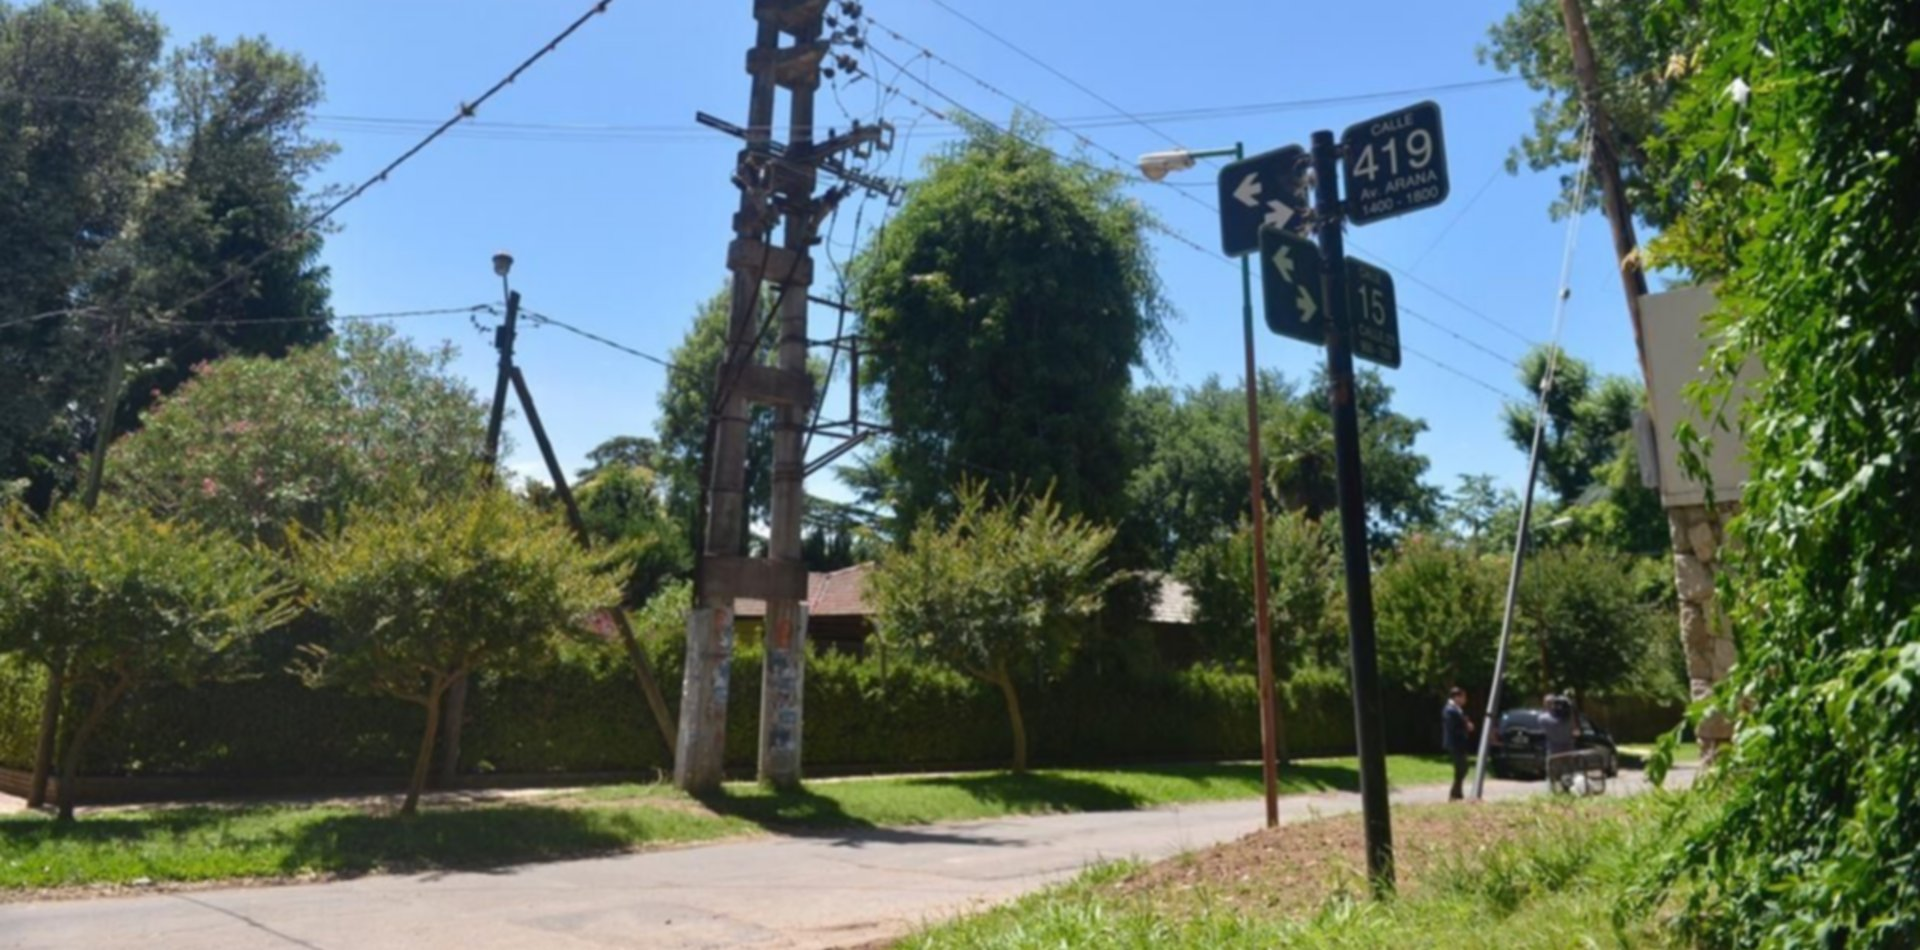 Villa Elisa: una chica de 15 años denunció que fue atacada por siete hombres y la violaron